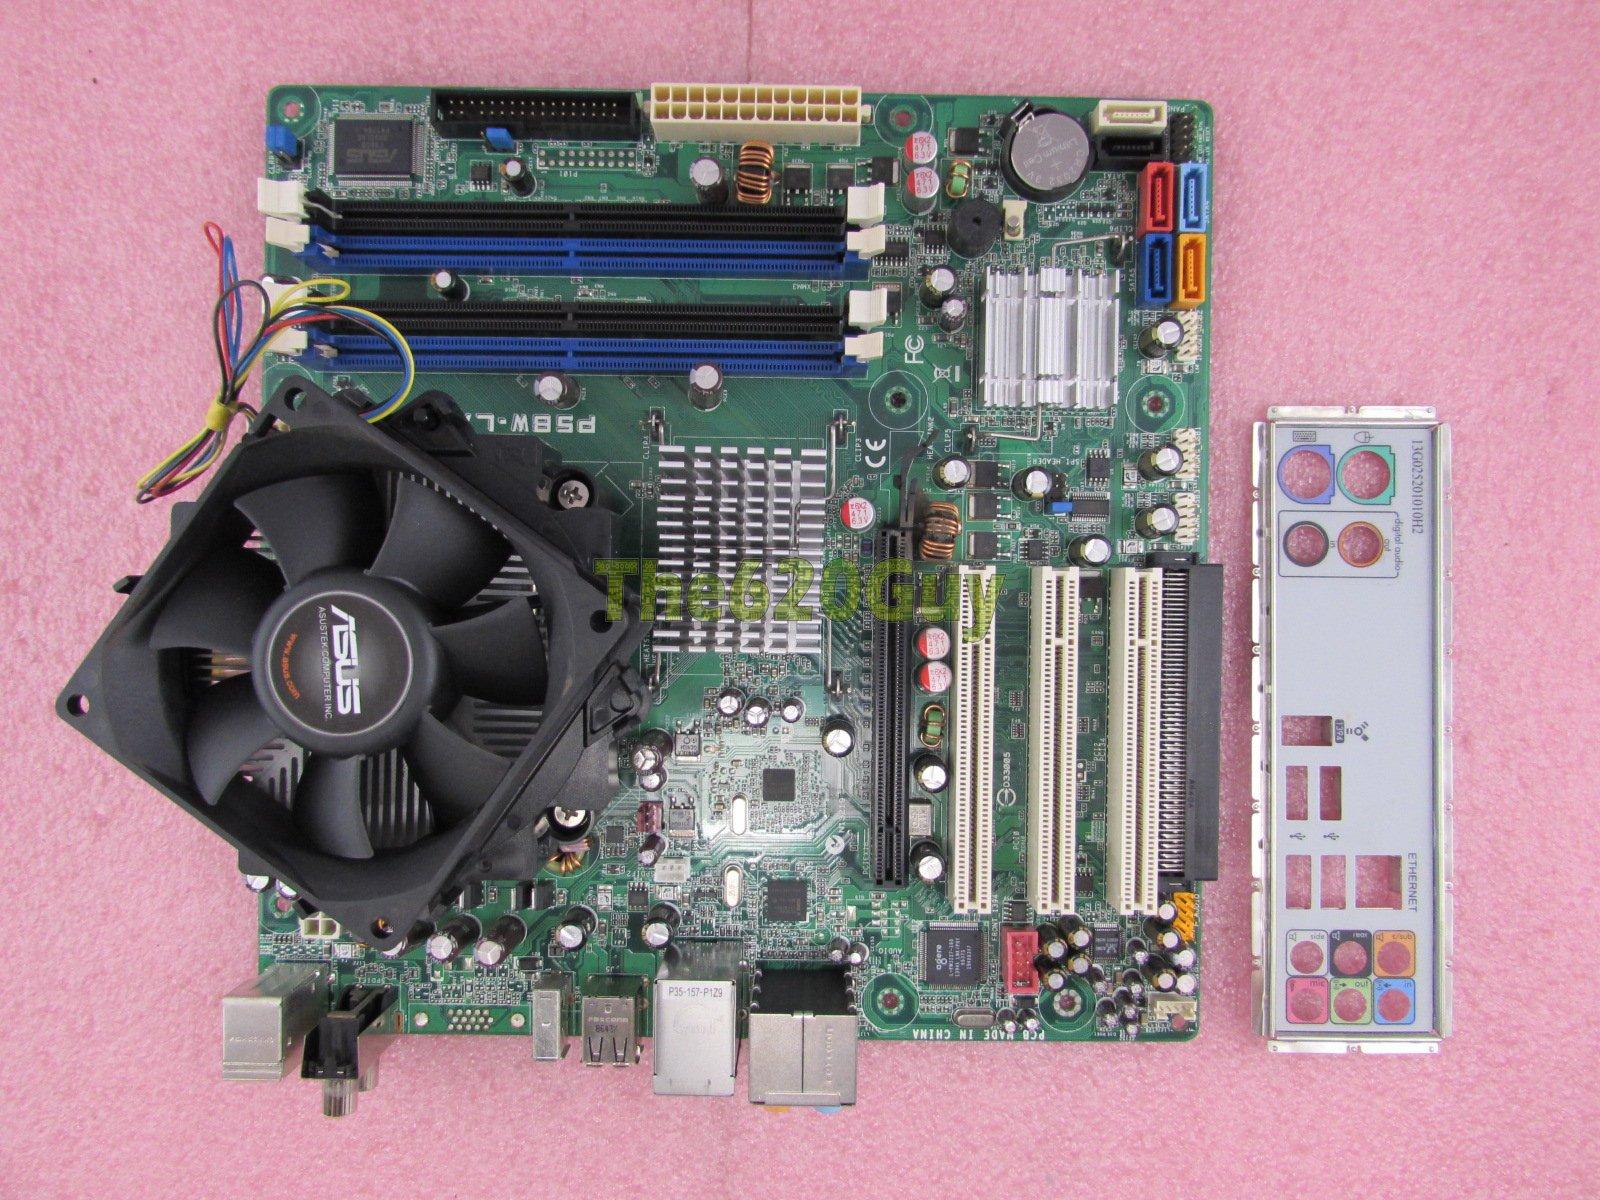 Intel r 82562v